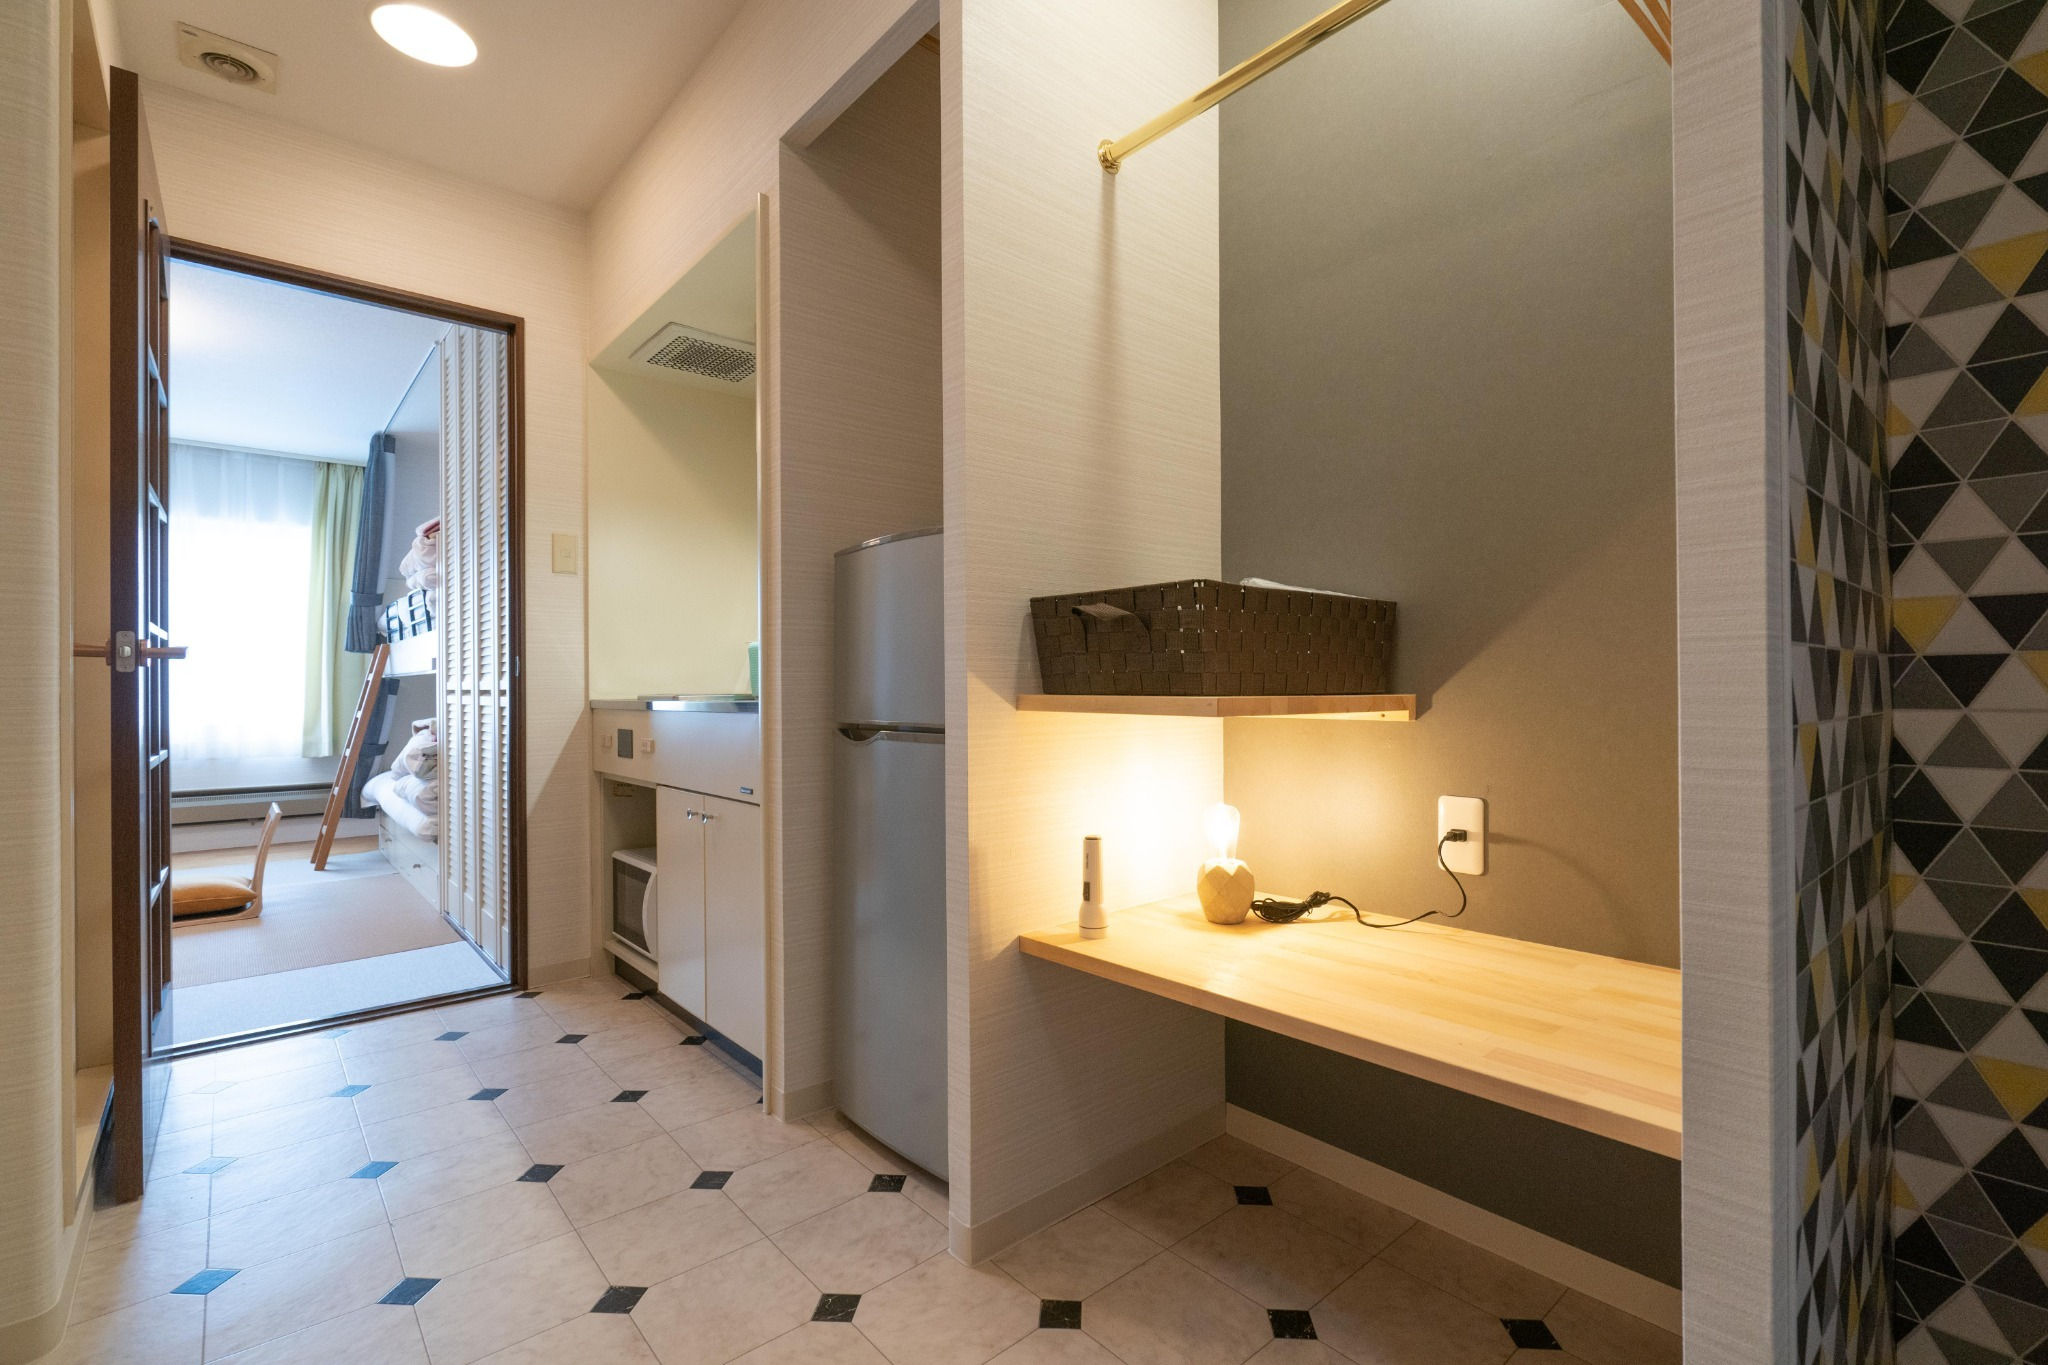 【ワーケーション応援】温泉有・Wi-Fi完備・リゾートマンションでごゆっくり【210号室・4名】